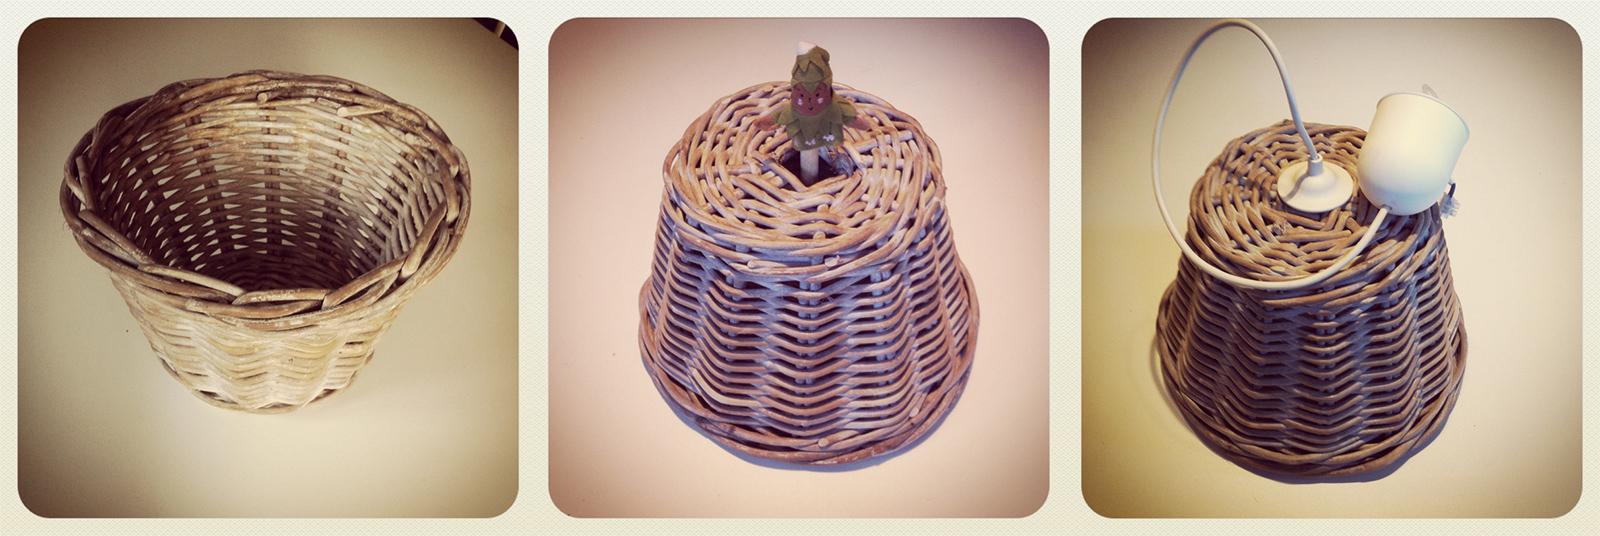 Bien connu Come realizzare delle lampade a sospensione con cappelli e cestini  TN29